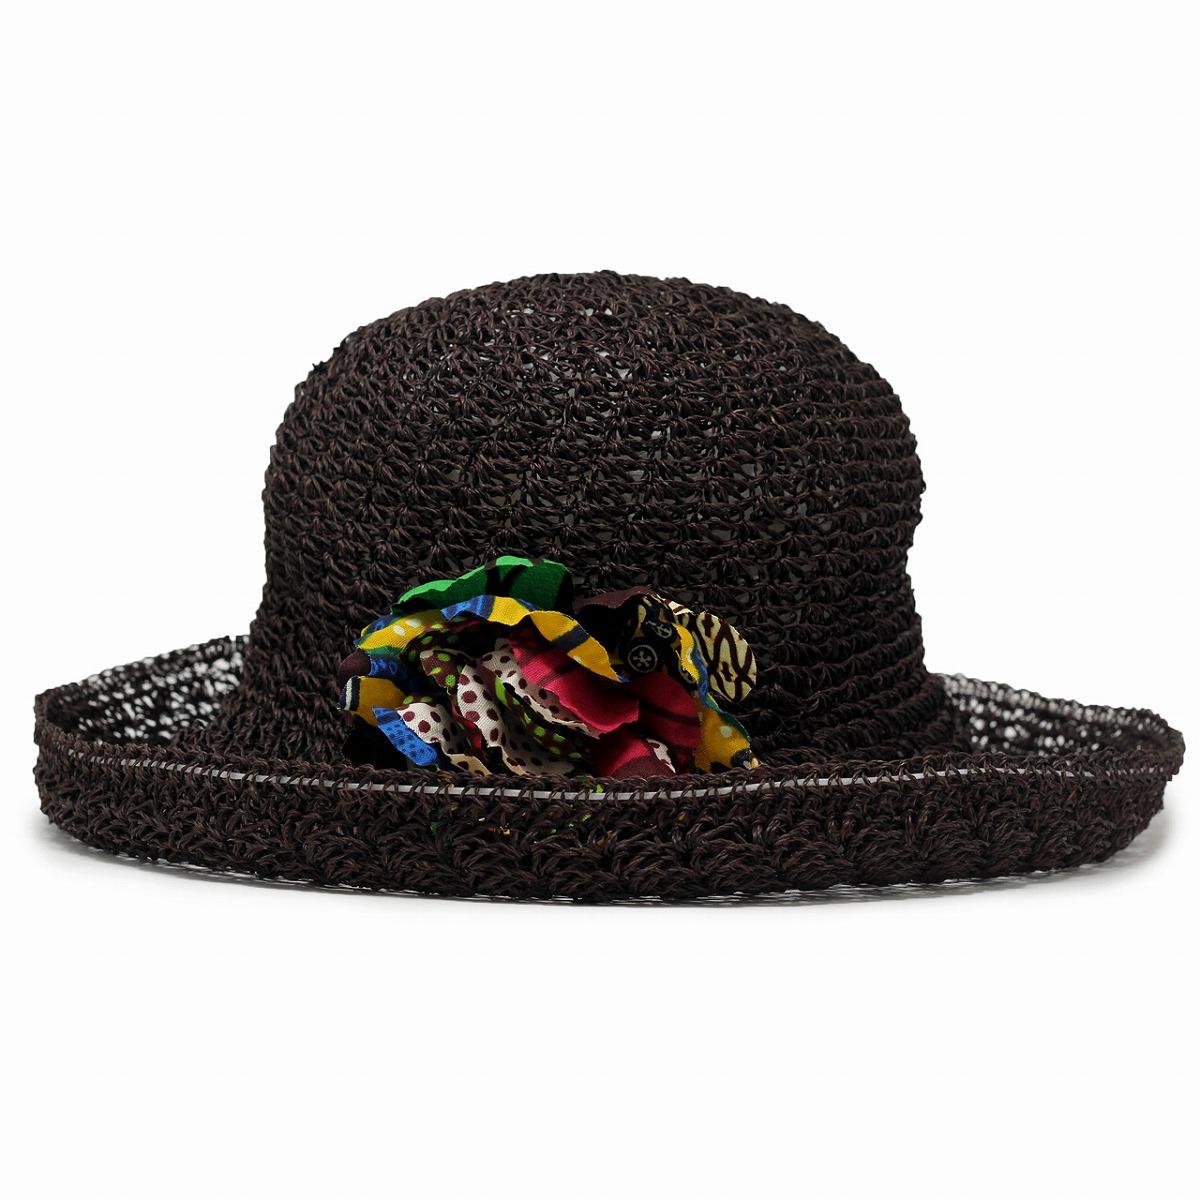 ギフト 麦わら帽子 夏コーデ 通気性 帽子 カンガコサージュ [ straw hat ] cableami 日よけ ラッピング無料 涼しい 母の日 ケーブルアミ マニラ麻 帽子 プレゼント ストローハット レディース ブラウン 茶 つば広ハット ファッション リゾート [ wide-brim hat ] コーデ